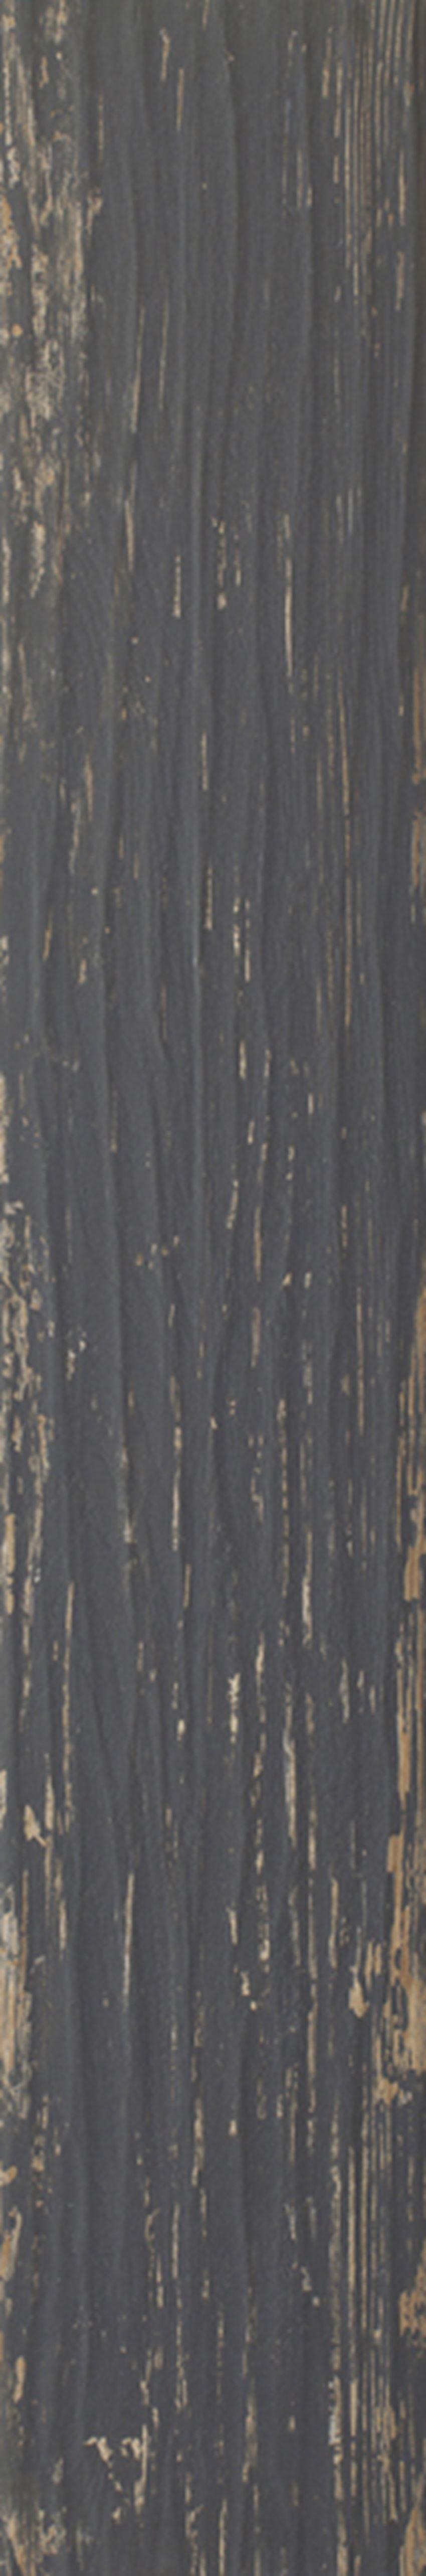 Płytka ścienno-podłogowa 19,8x119,8 cm Paradyż Herrera Nero Gres Szkl. Rekt. Mat.